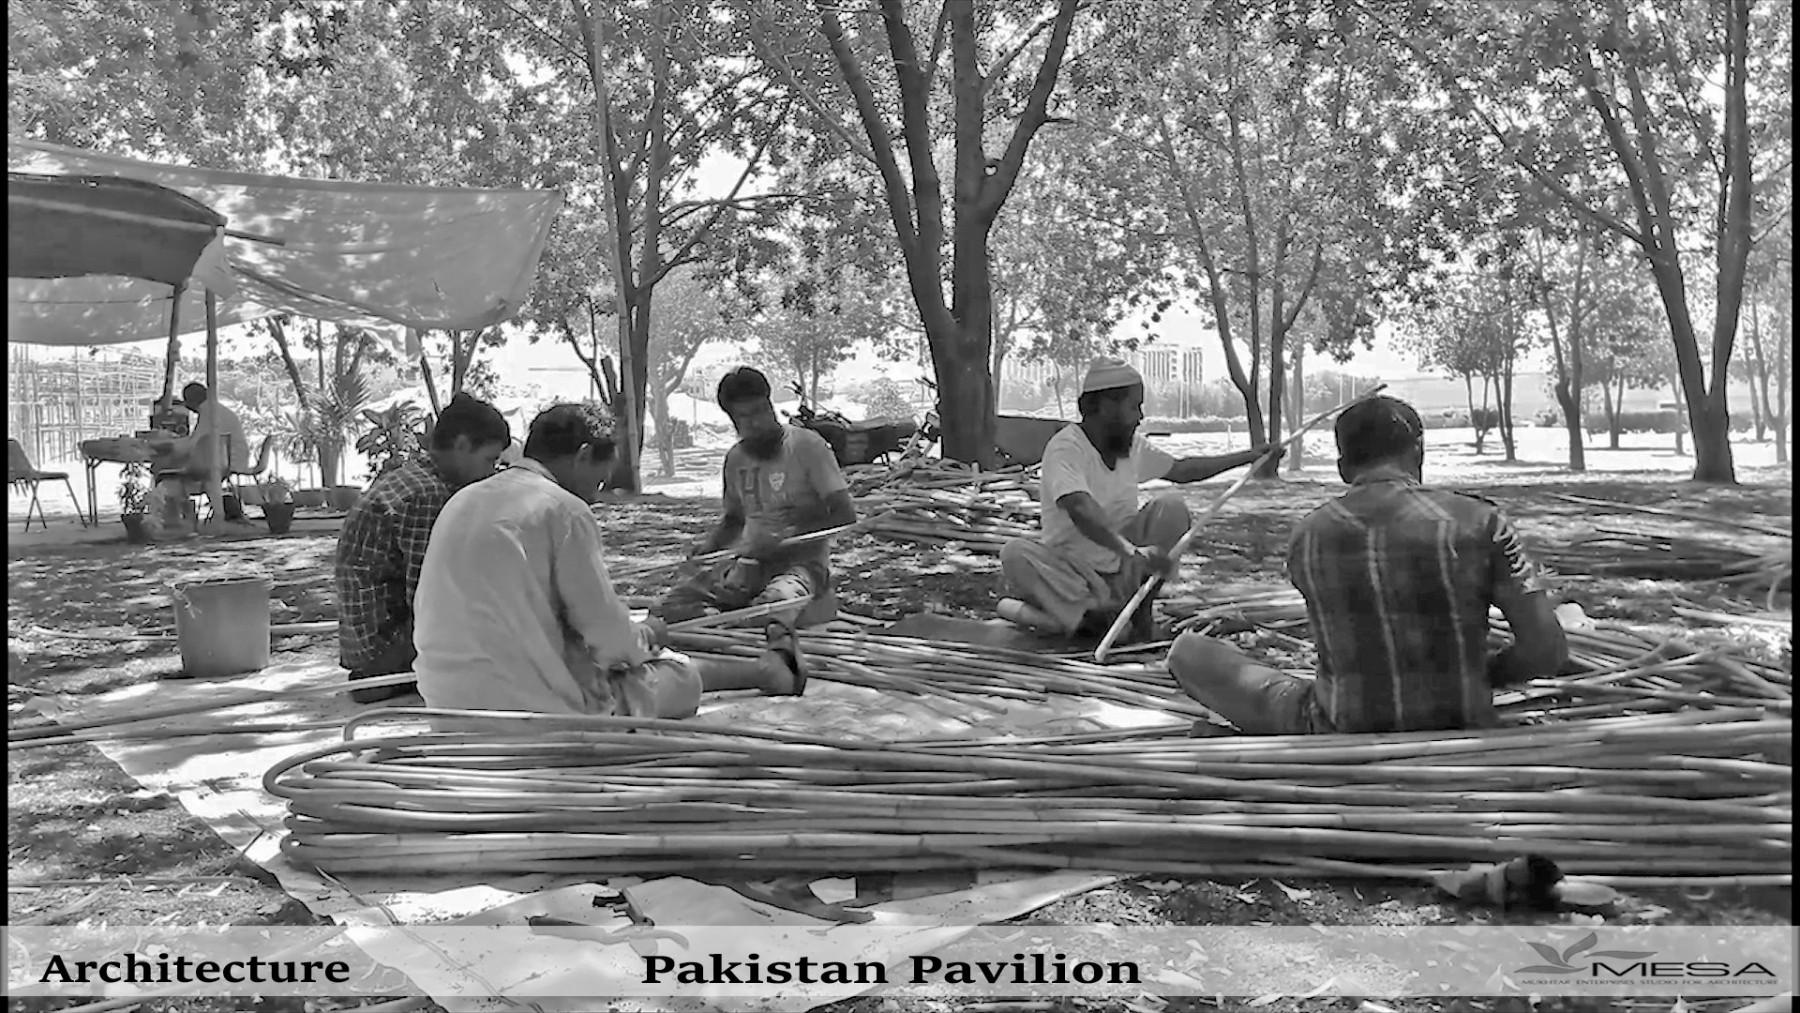 Pakistan-Pavilion-11